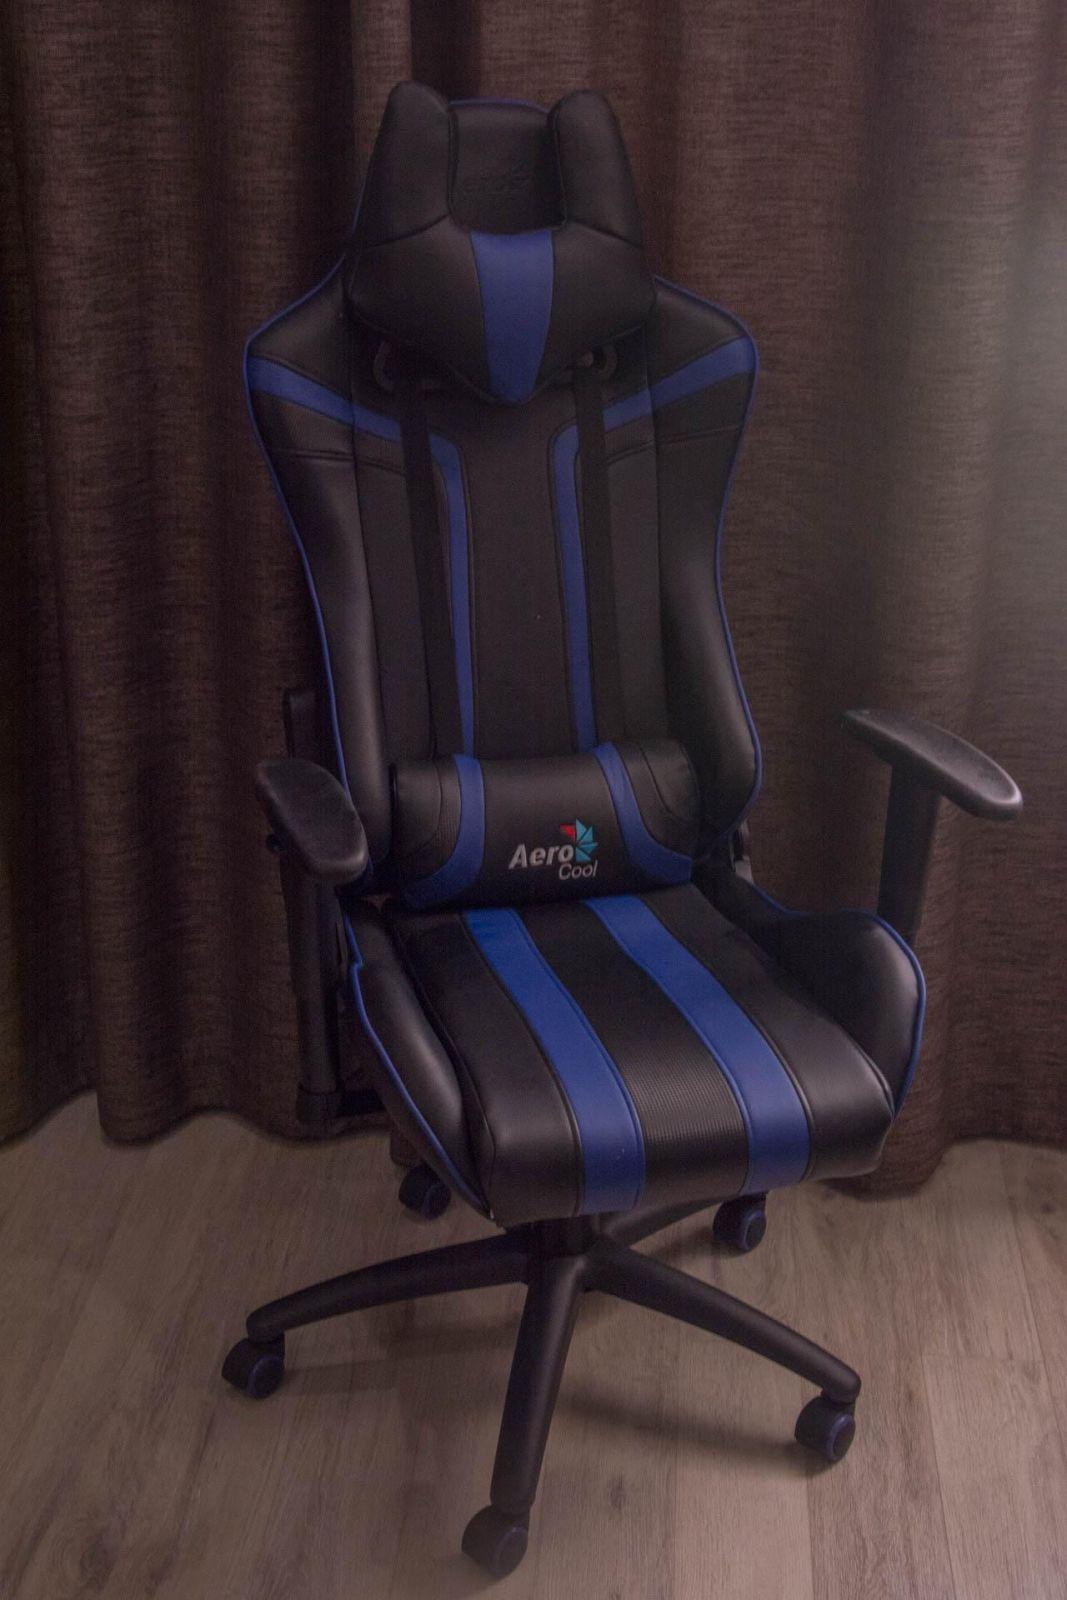 Геймерский трон. Обзор кресла AeroCool AC120 (DSC 4012)